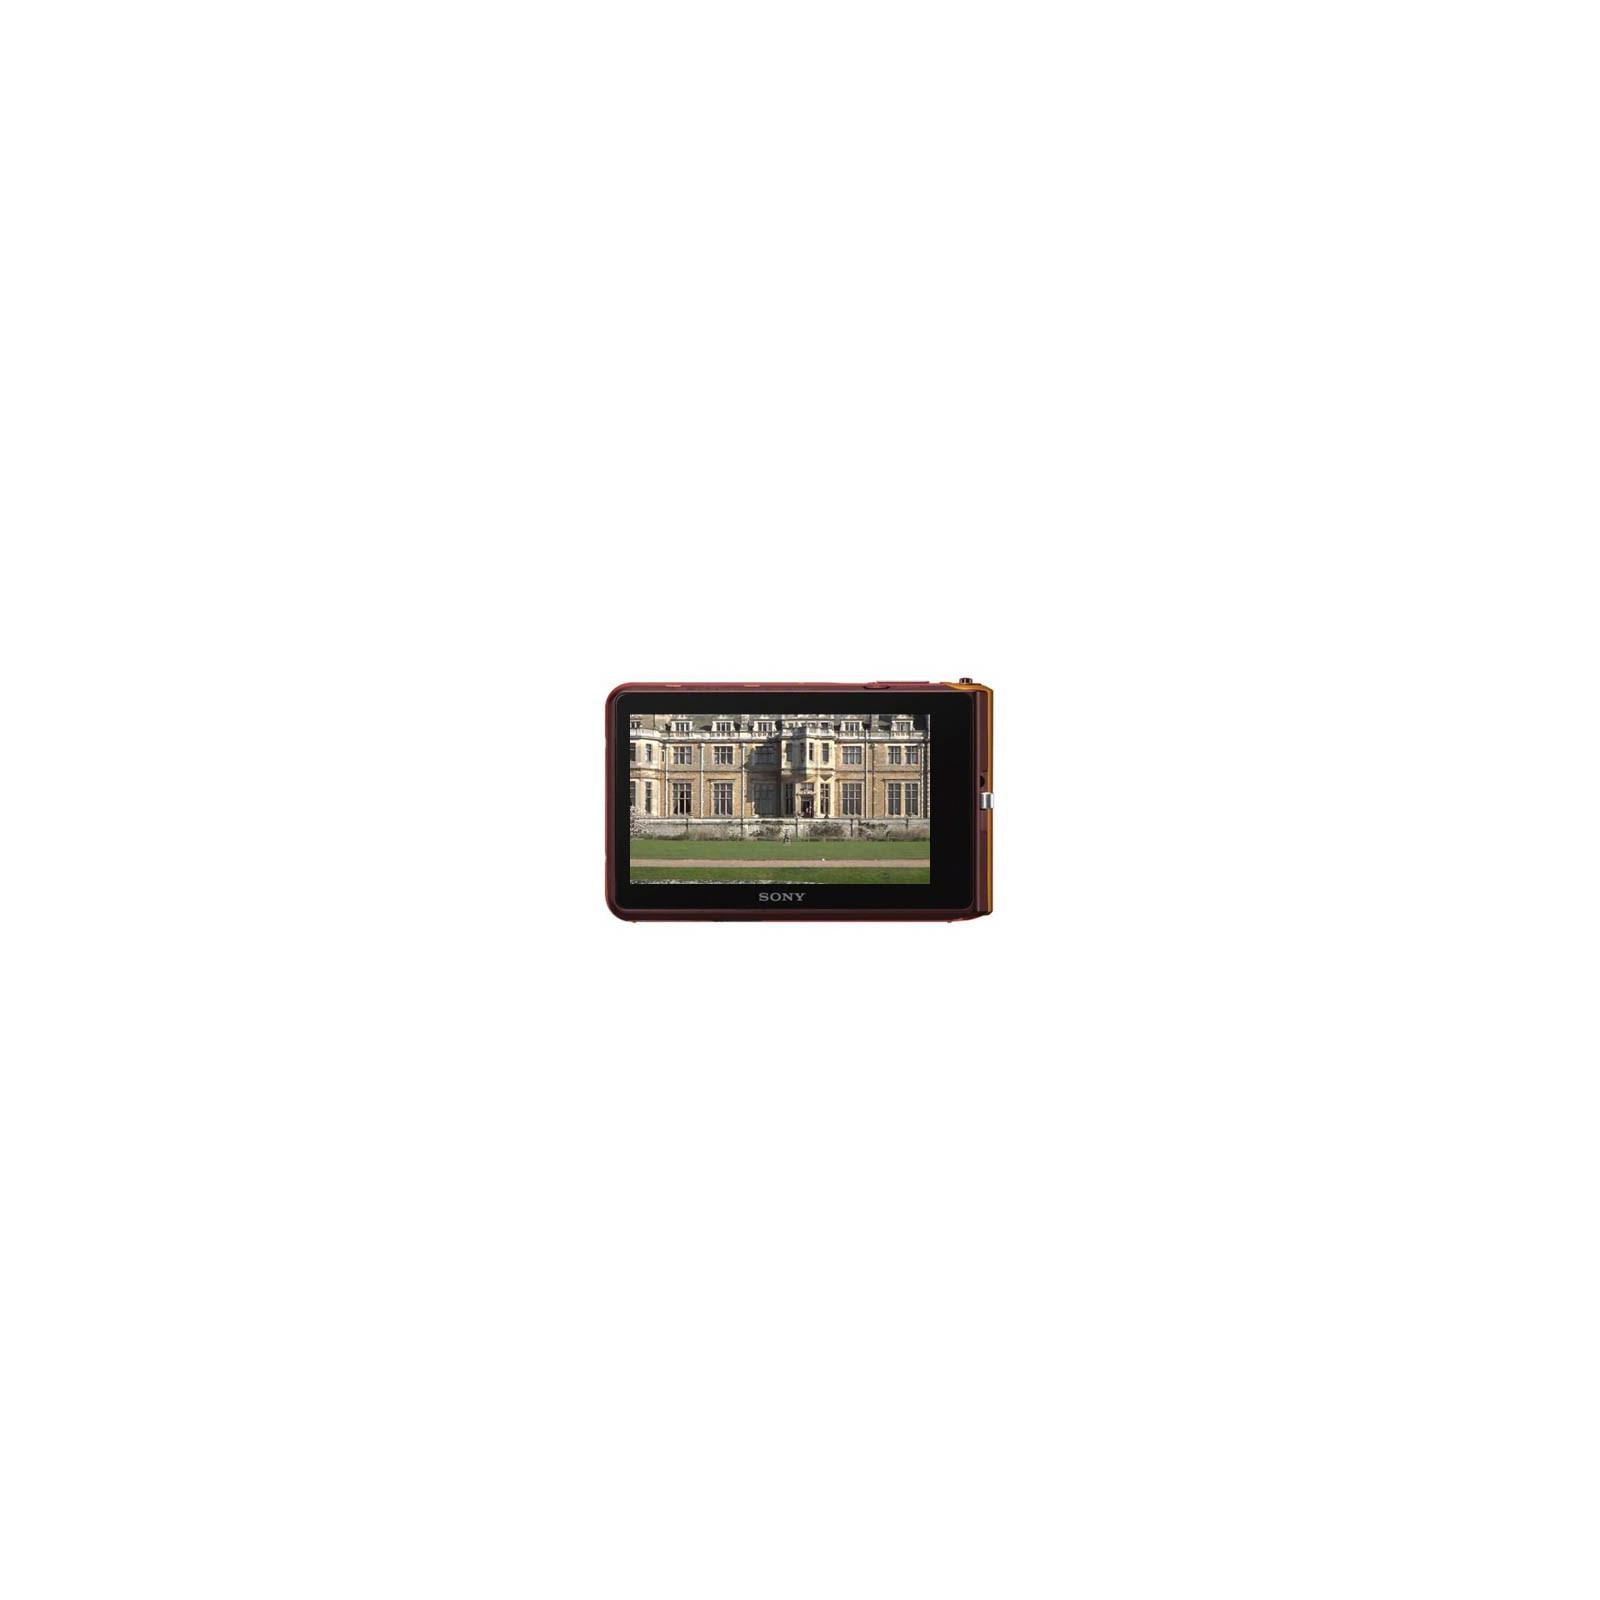 Цифровой фотоаппарат SONY Cyber-shot DSC-TX30 orange (DSCTX30D.RU3) изображение 2